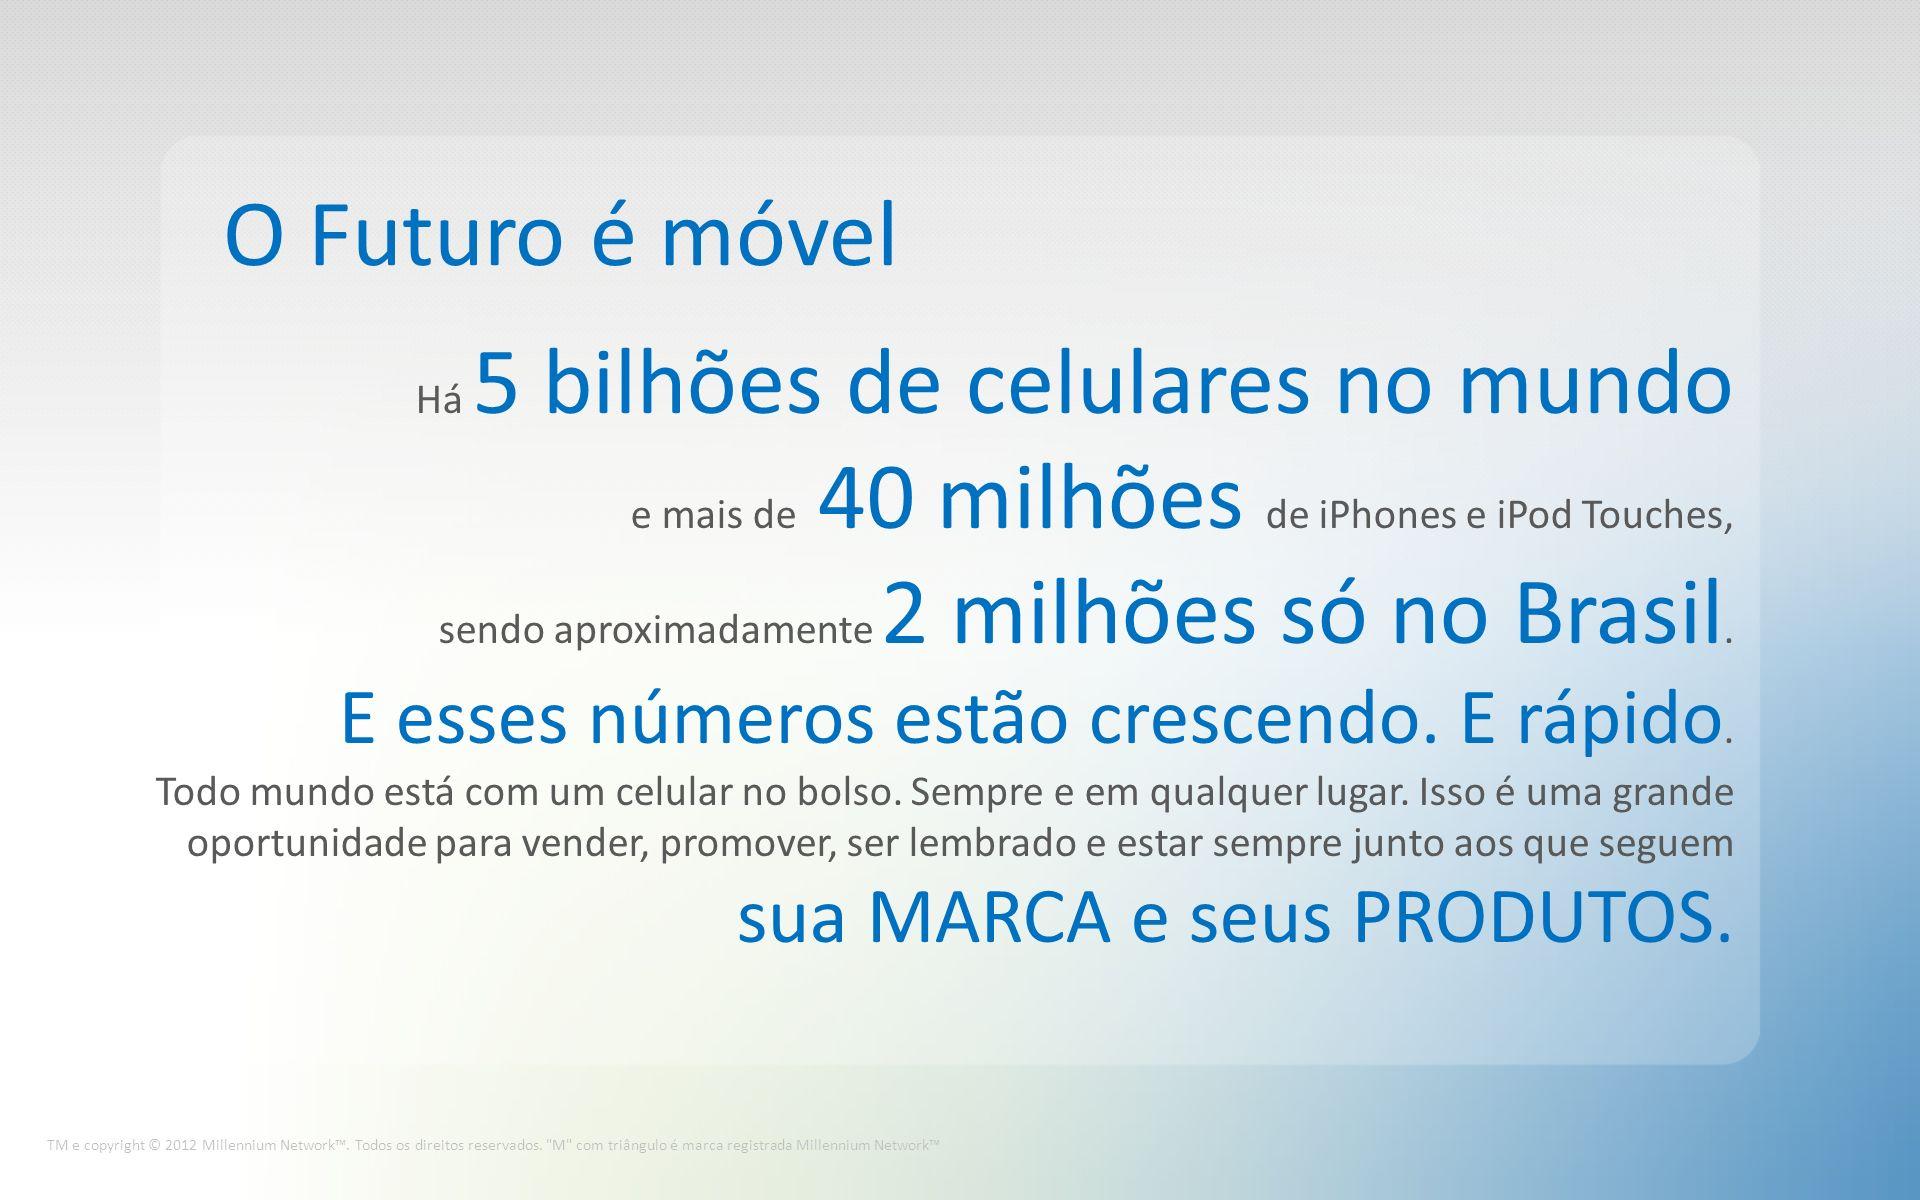 O Futuro é móvel TM e copyright © 2012 Millennium Network.